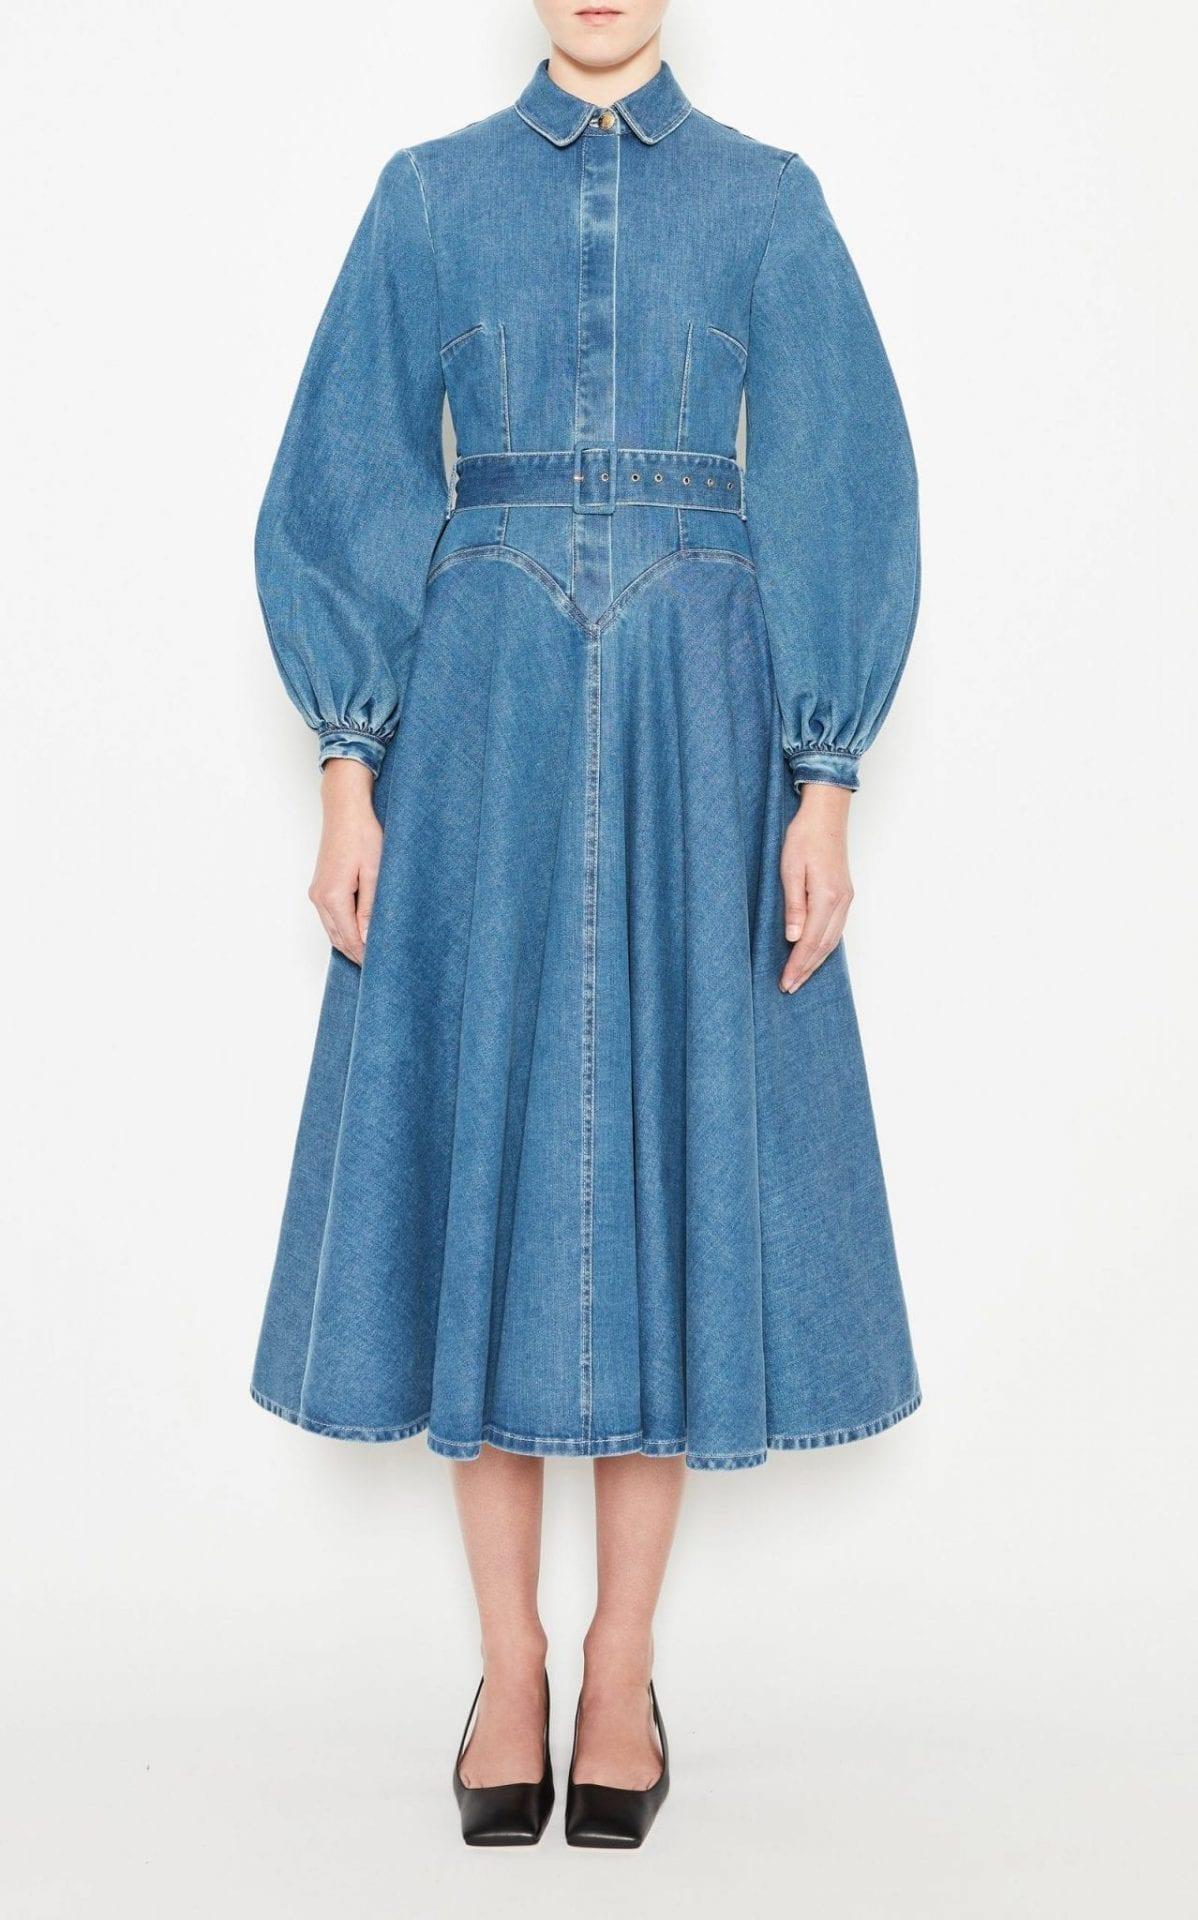 EMILIA WICKSTEAD Jewel Puffed Sleeve Denim Dress